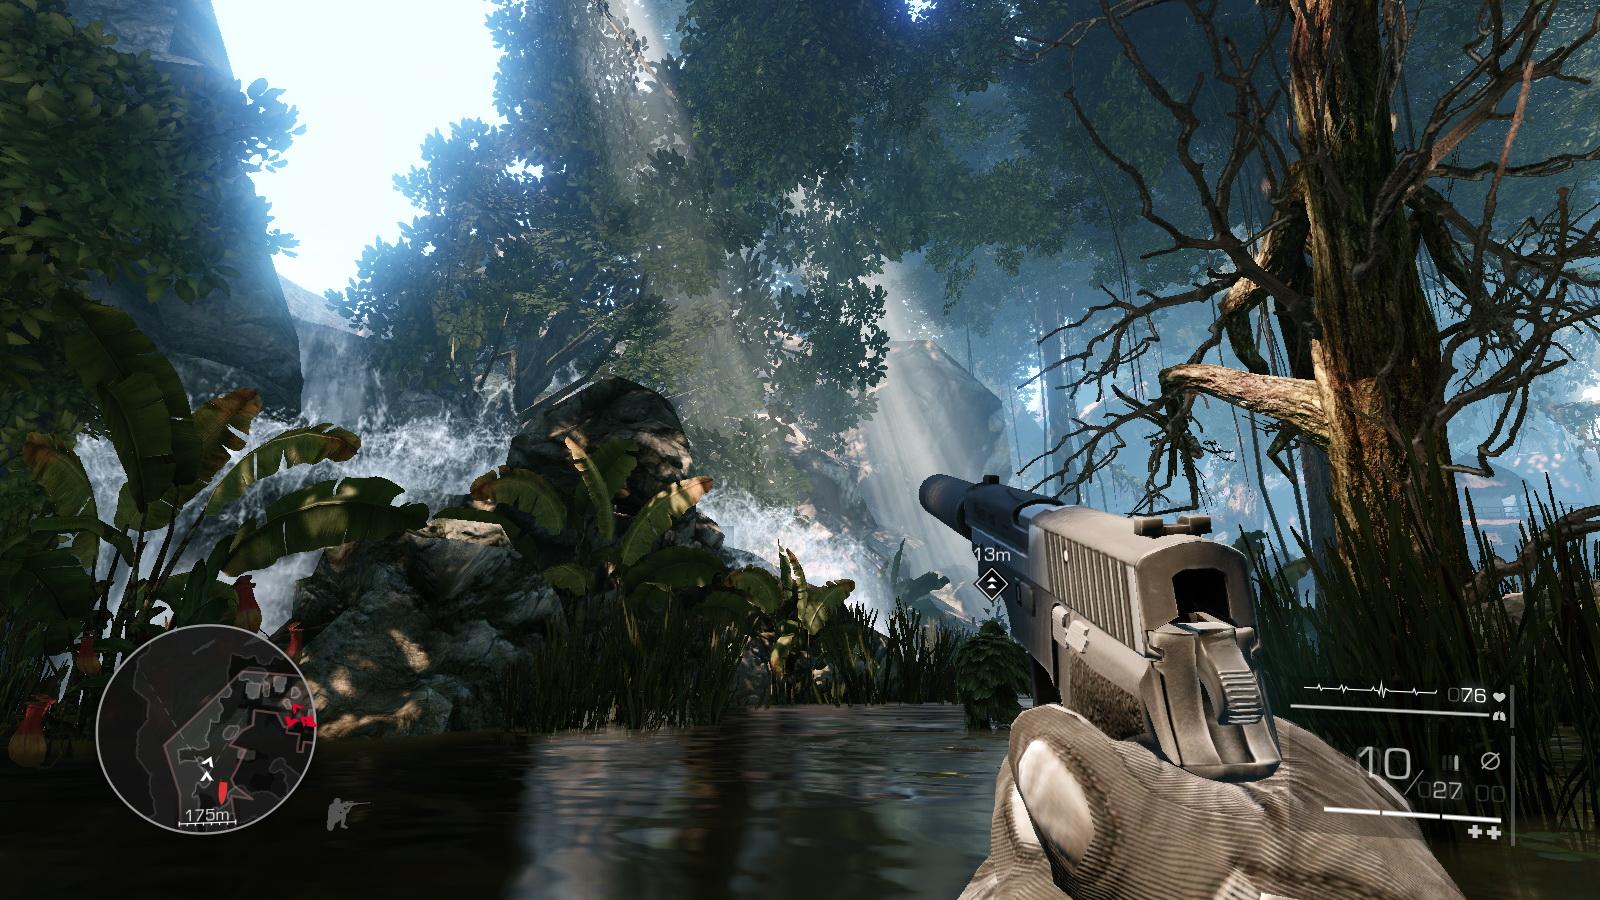 Скачать игру снайпер воин призрак 2 с торрента (5,48 гб).